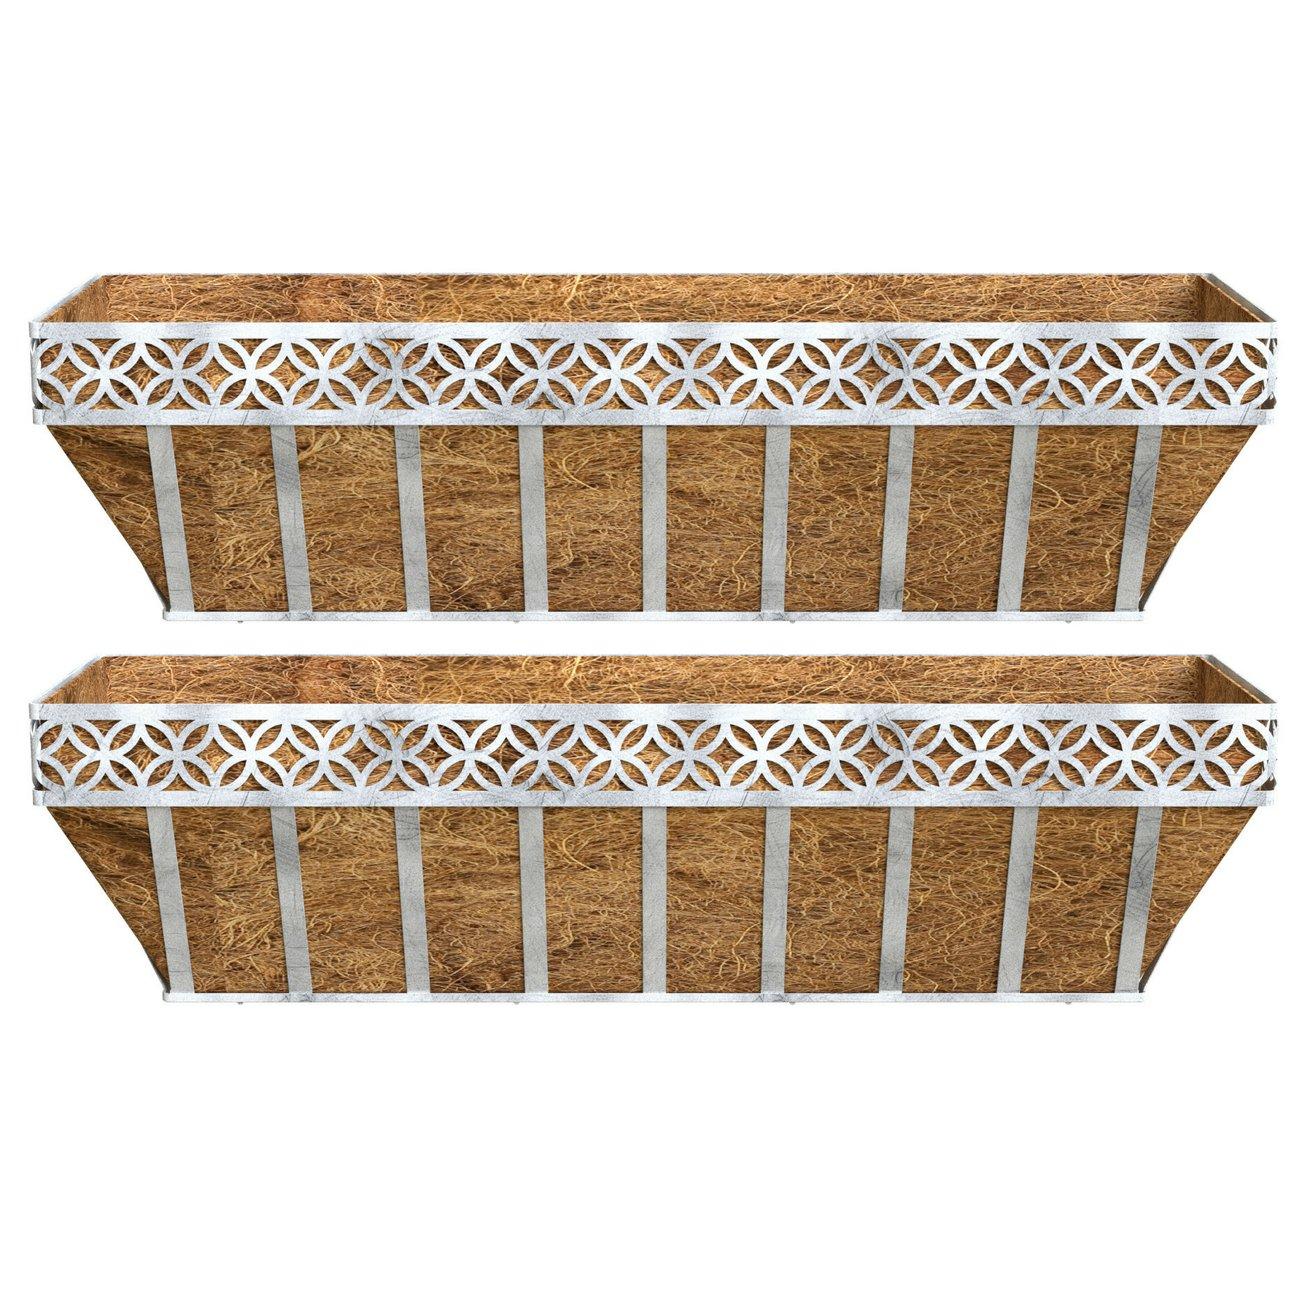 Better Homes and Gardens Patio Lattice Coco Window Box Planter (2)